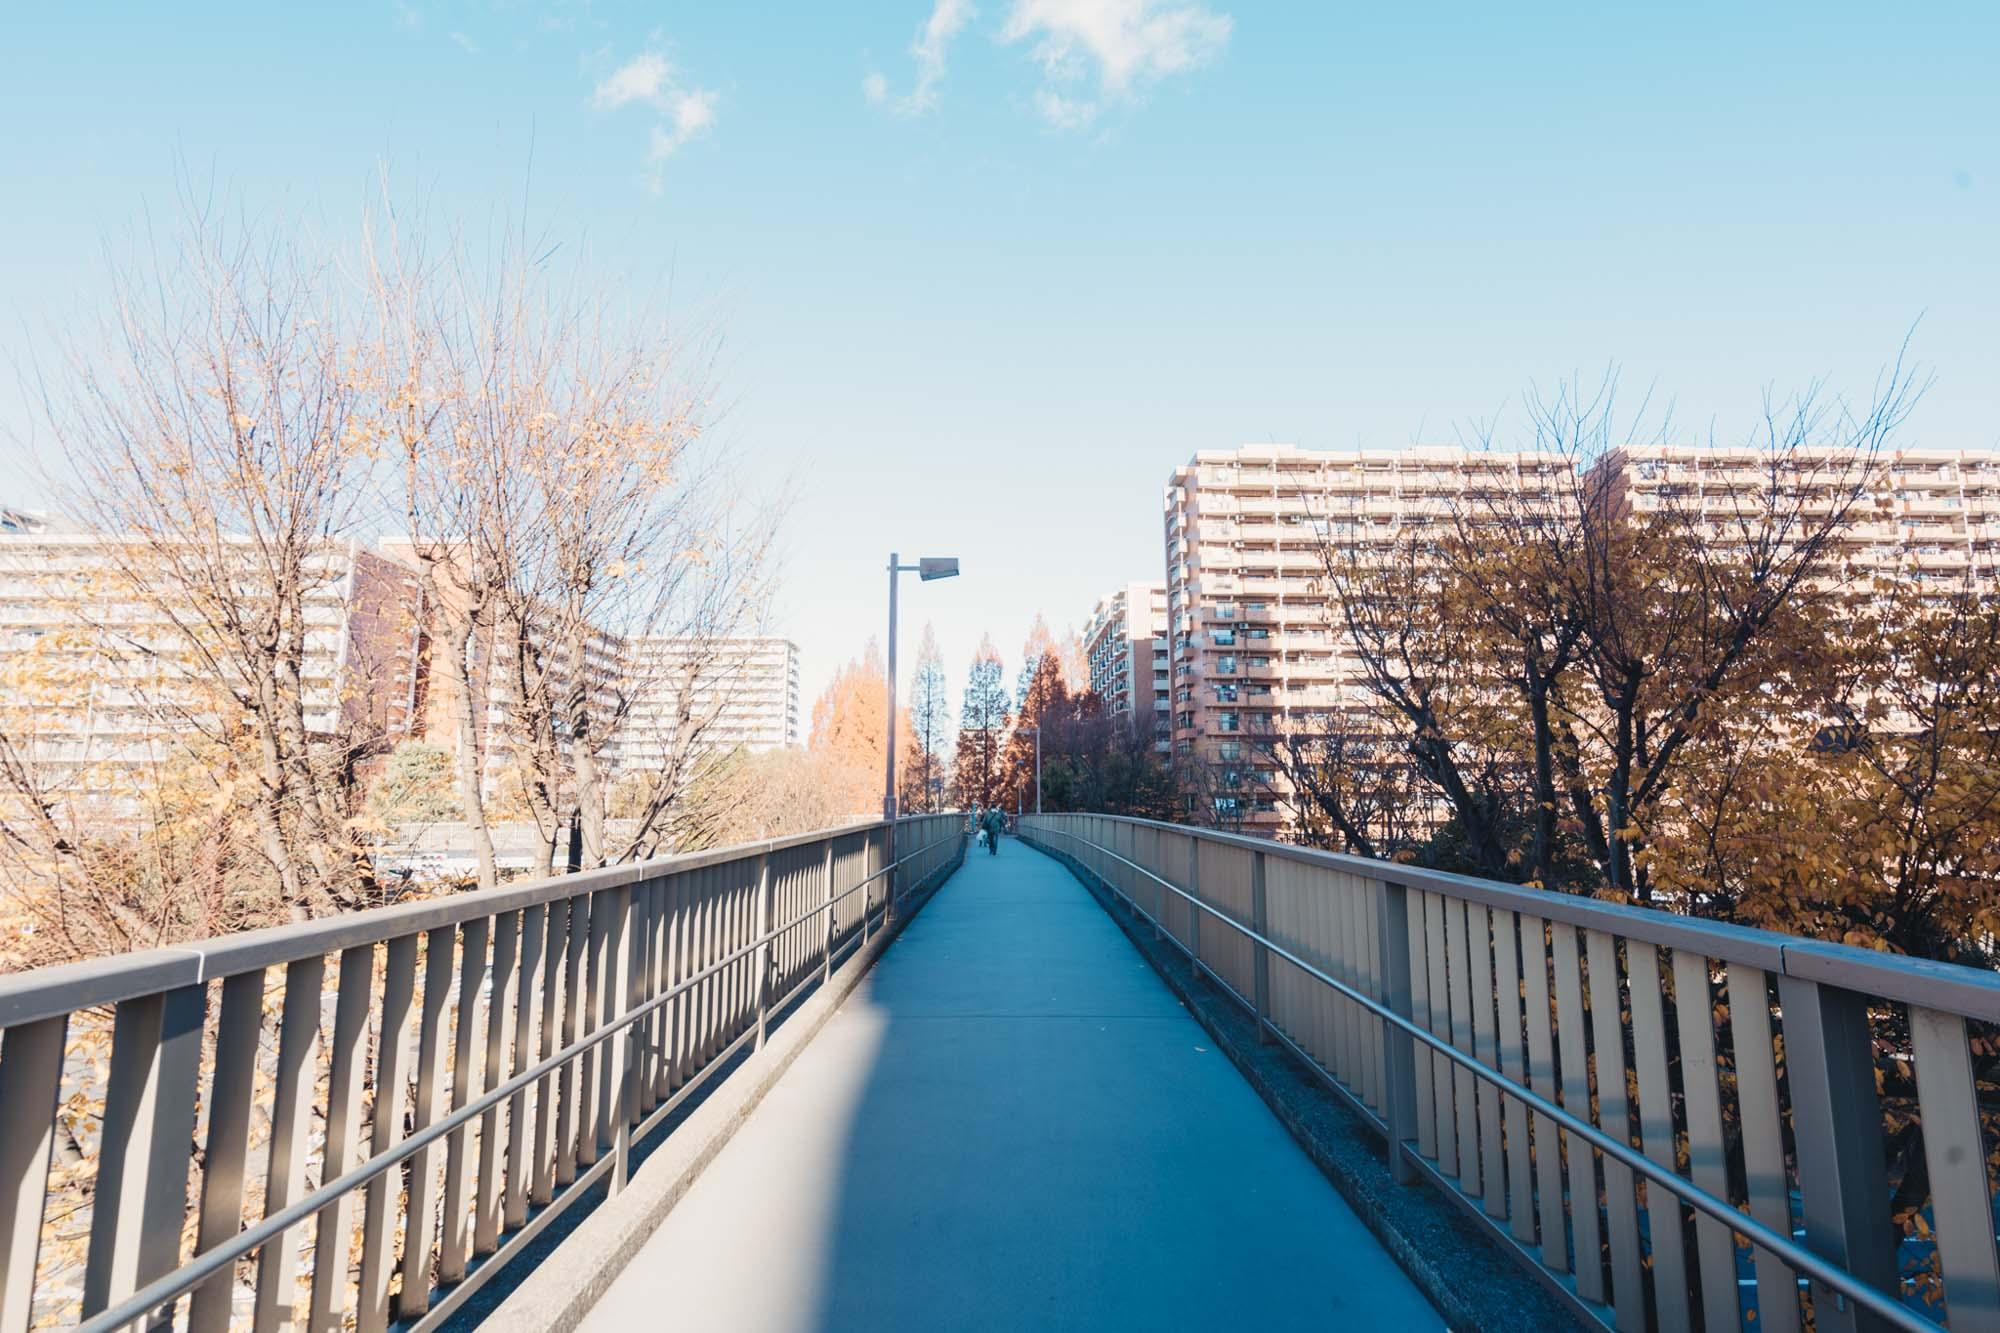 大江戸線の駅を中心に北と南に分かれ、大きな道路がありますが、車と人を分離したまちづくりが行われているので、安心して歩くことができます。駅のペデストリアンデッキから続く歩道橋を渡って、南側のエリアへ。